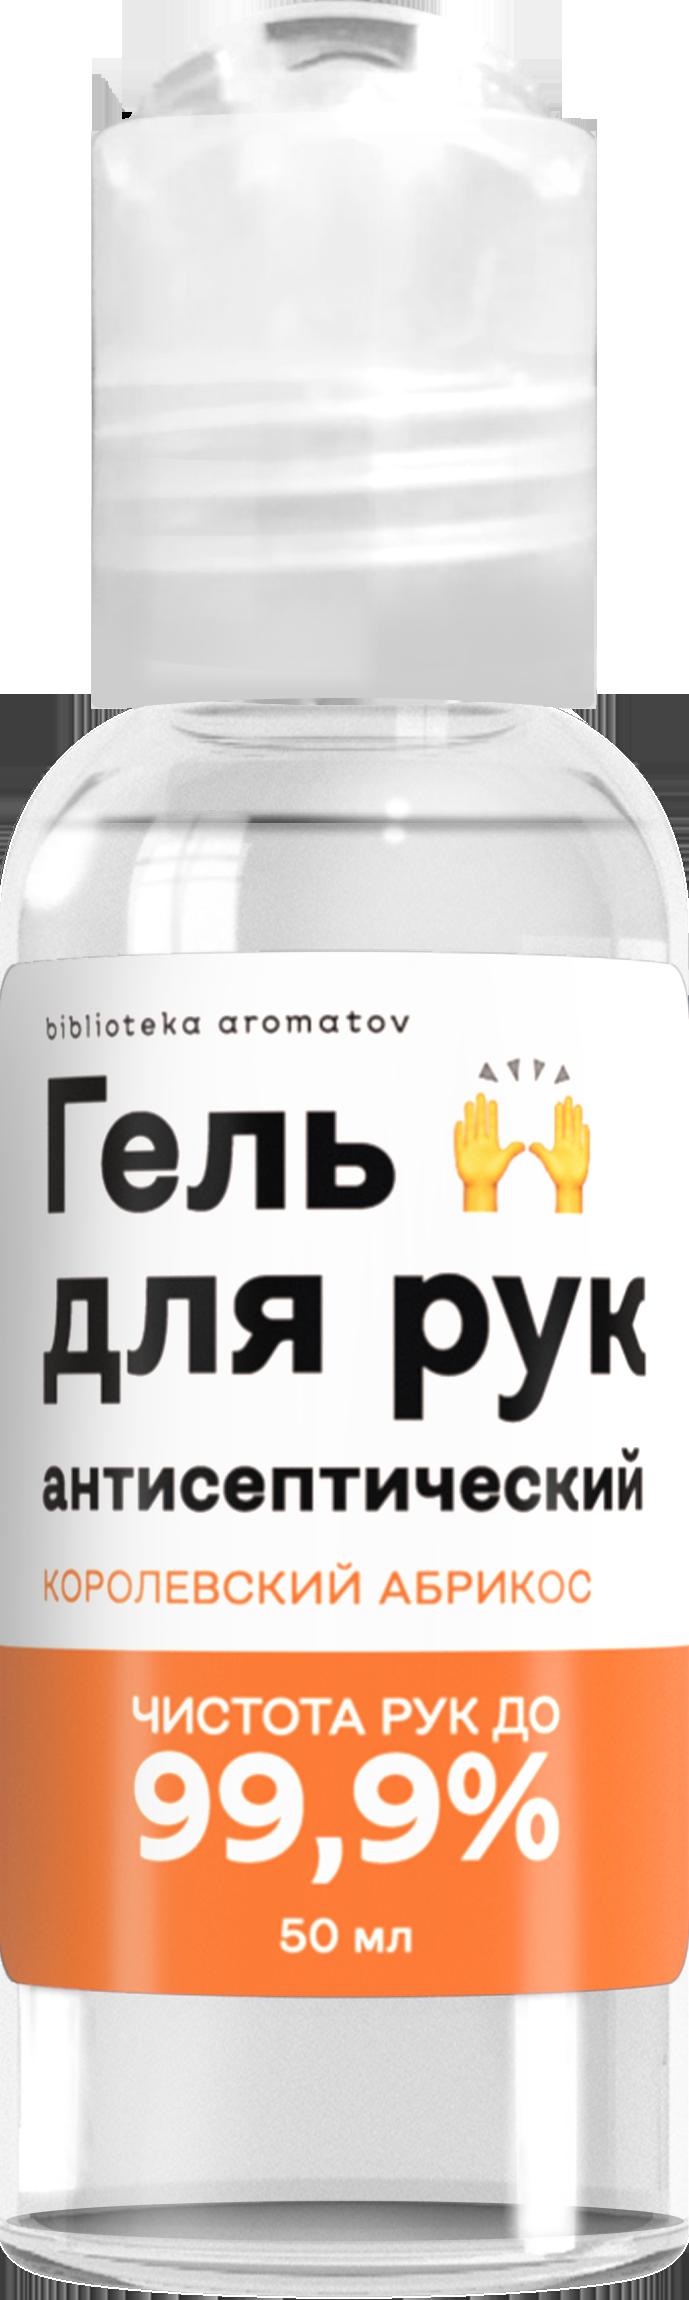 Купить Библиотека ароматов Гель антисептический «Королевский абрикос» (Royal Apricot) 50мл, Royal Apricot 50мл